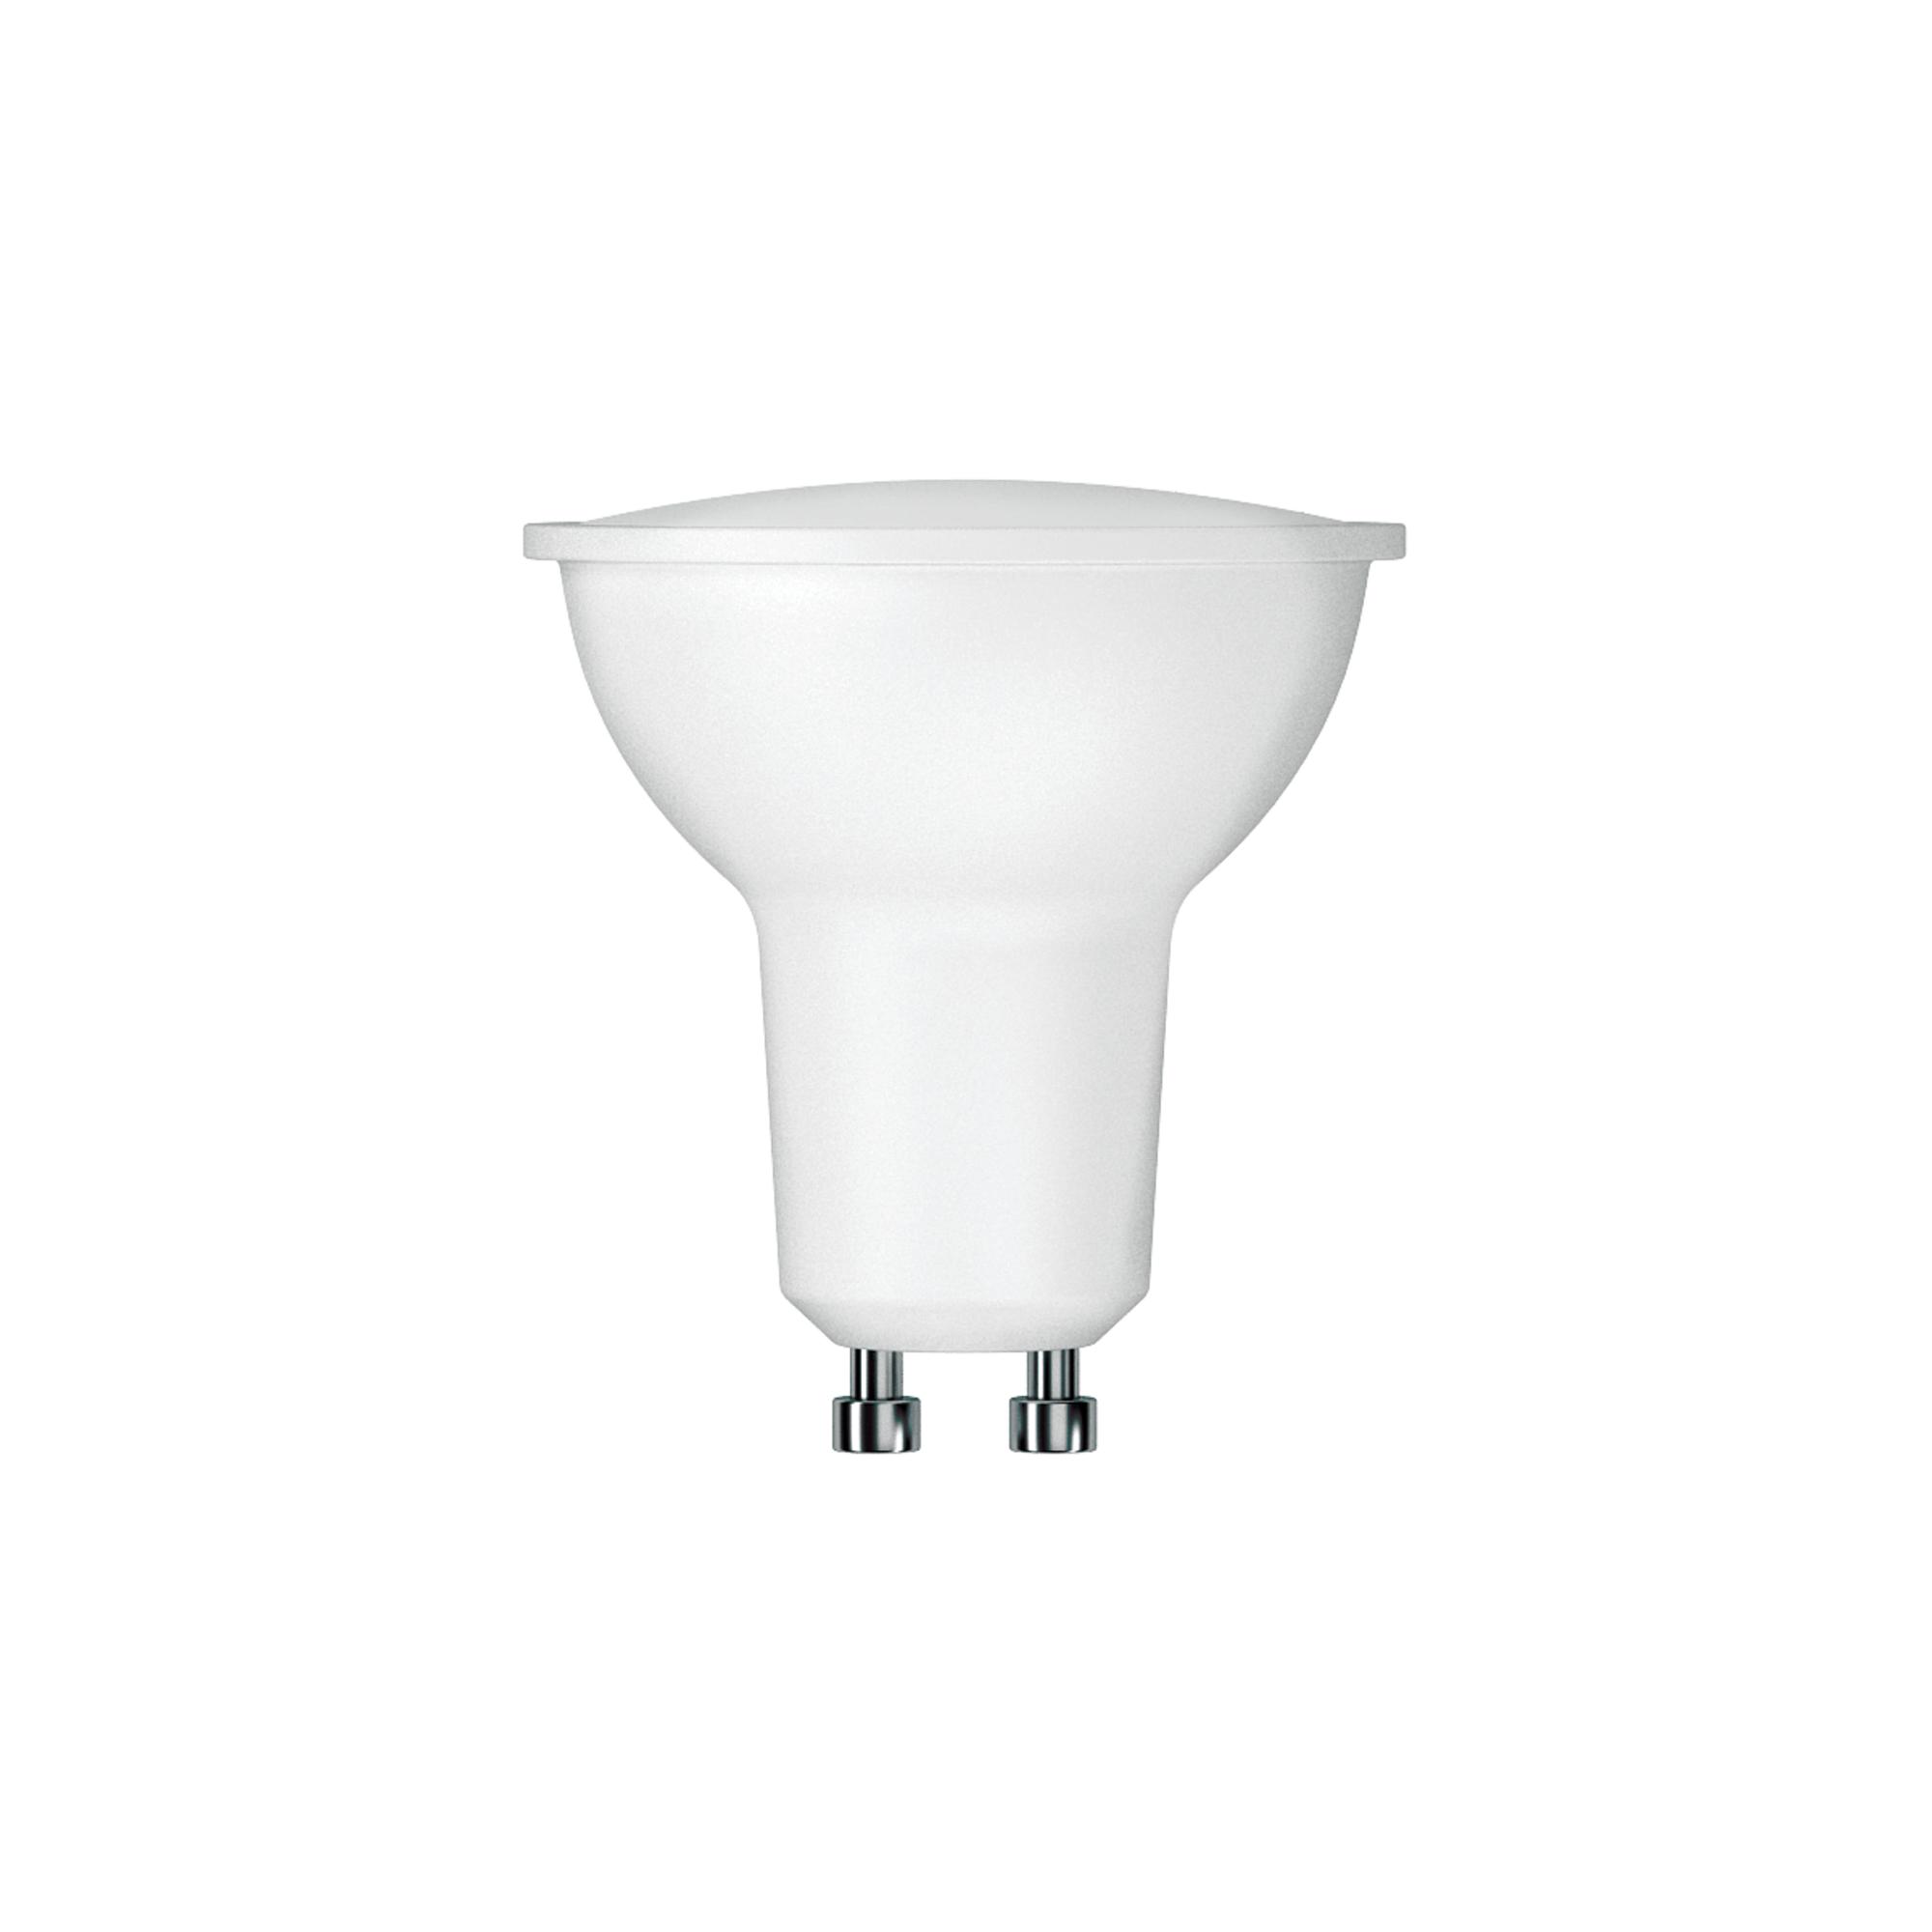 Светодиодная лампочка Фотон 22824 MR16 480 Лм 6 Вт